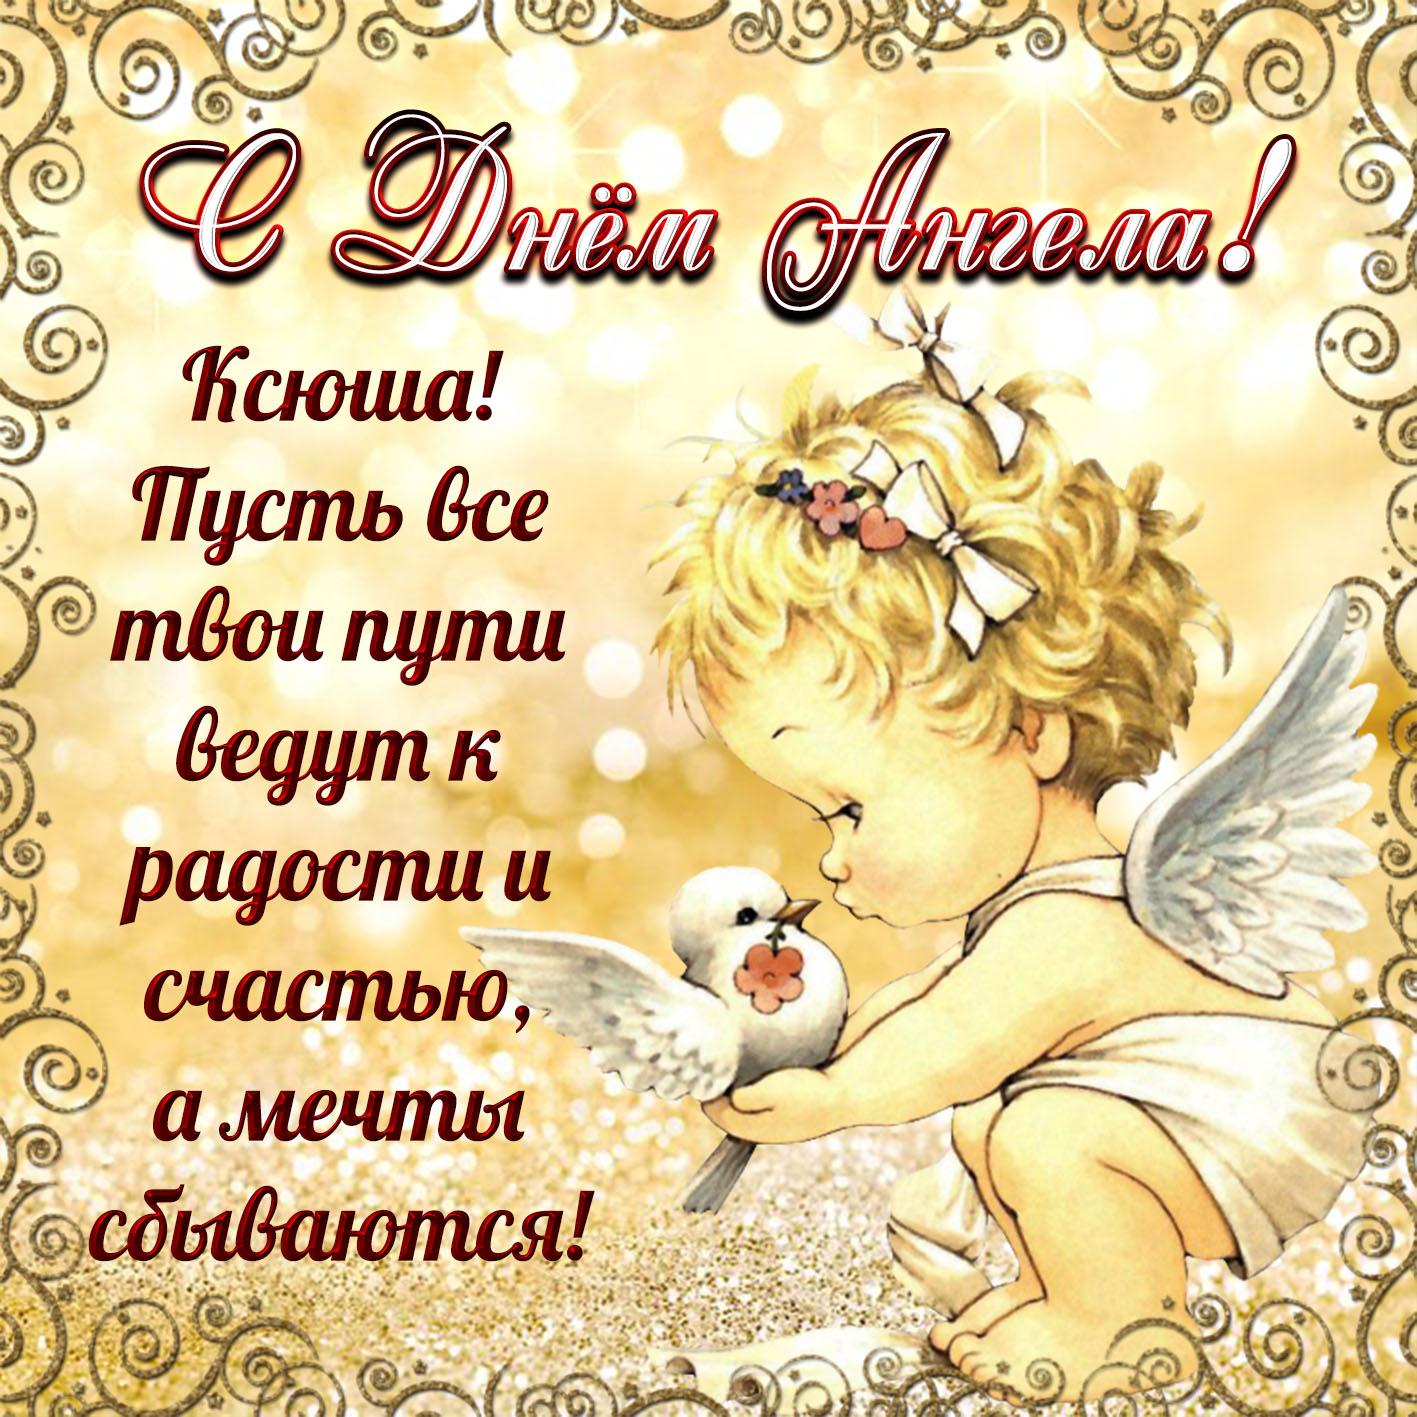 Поздравления на день ангела именины